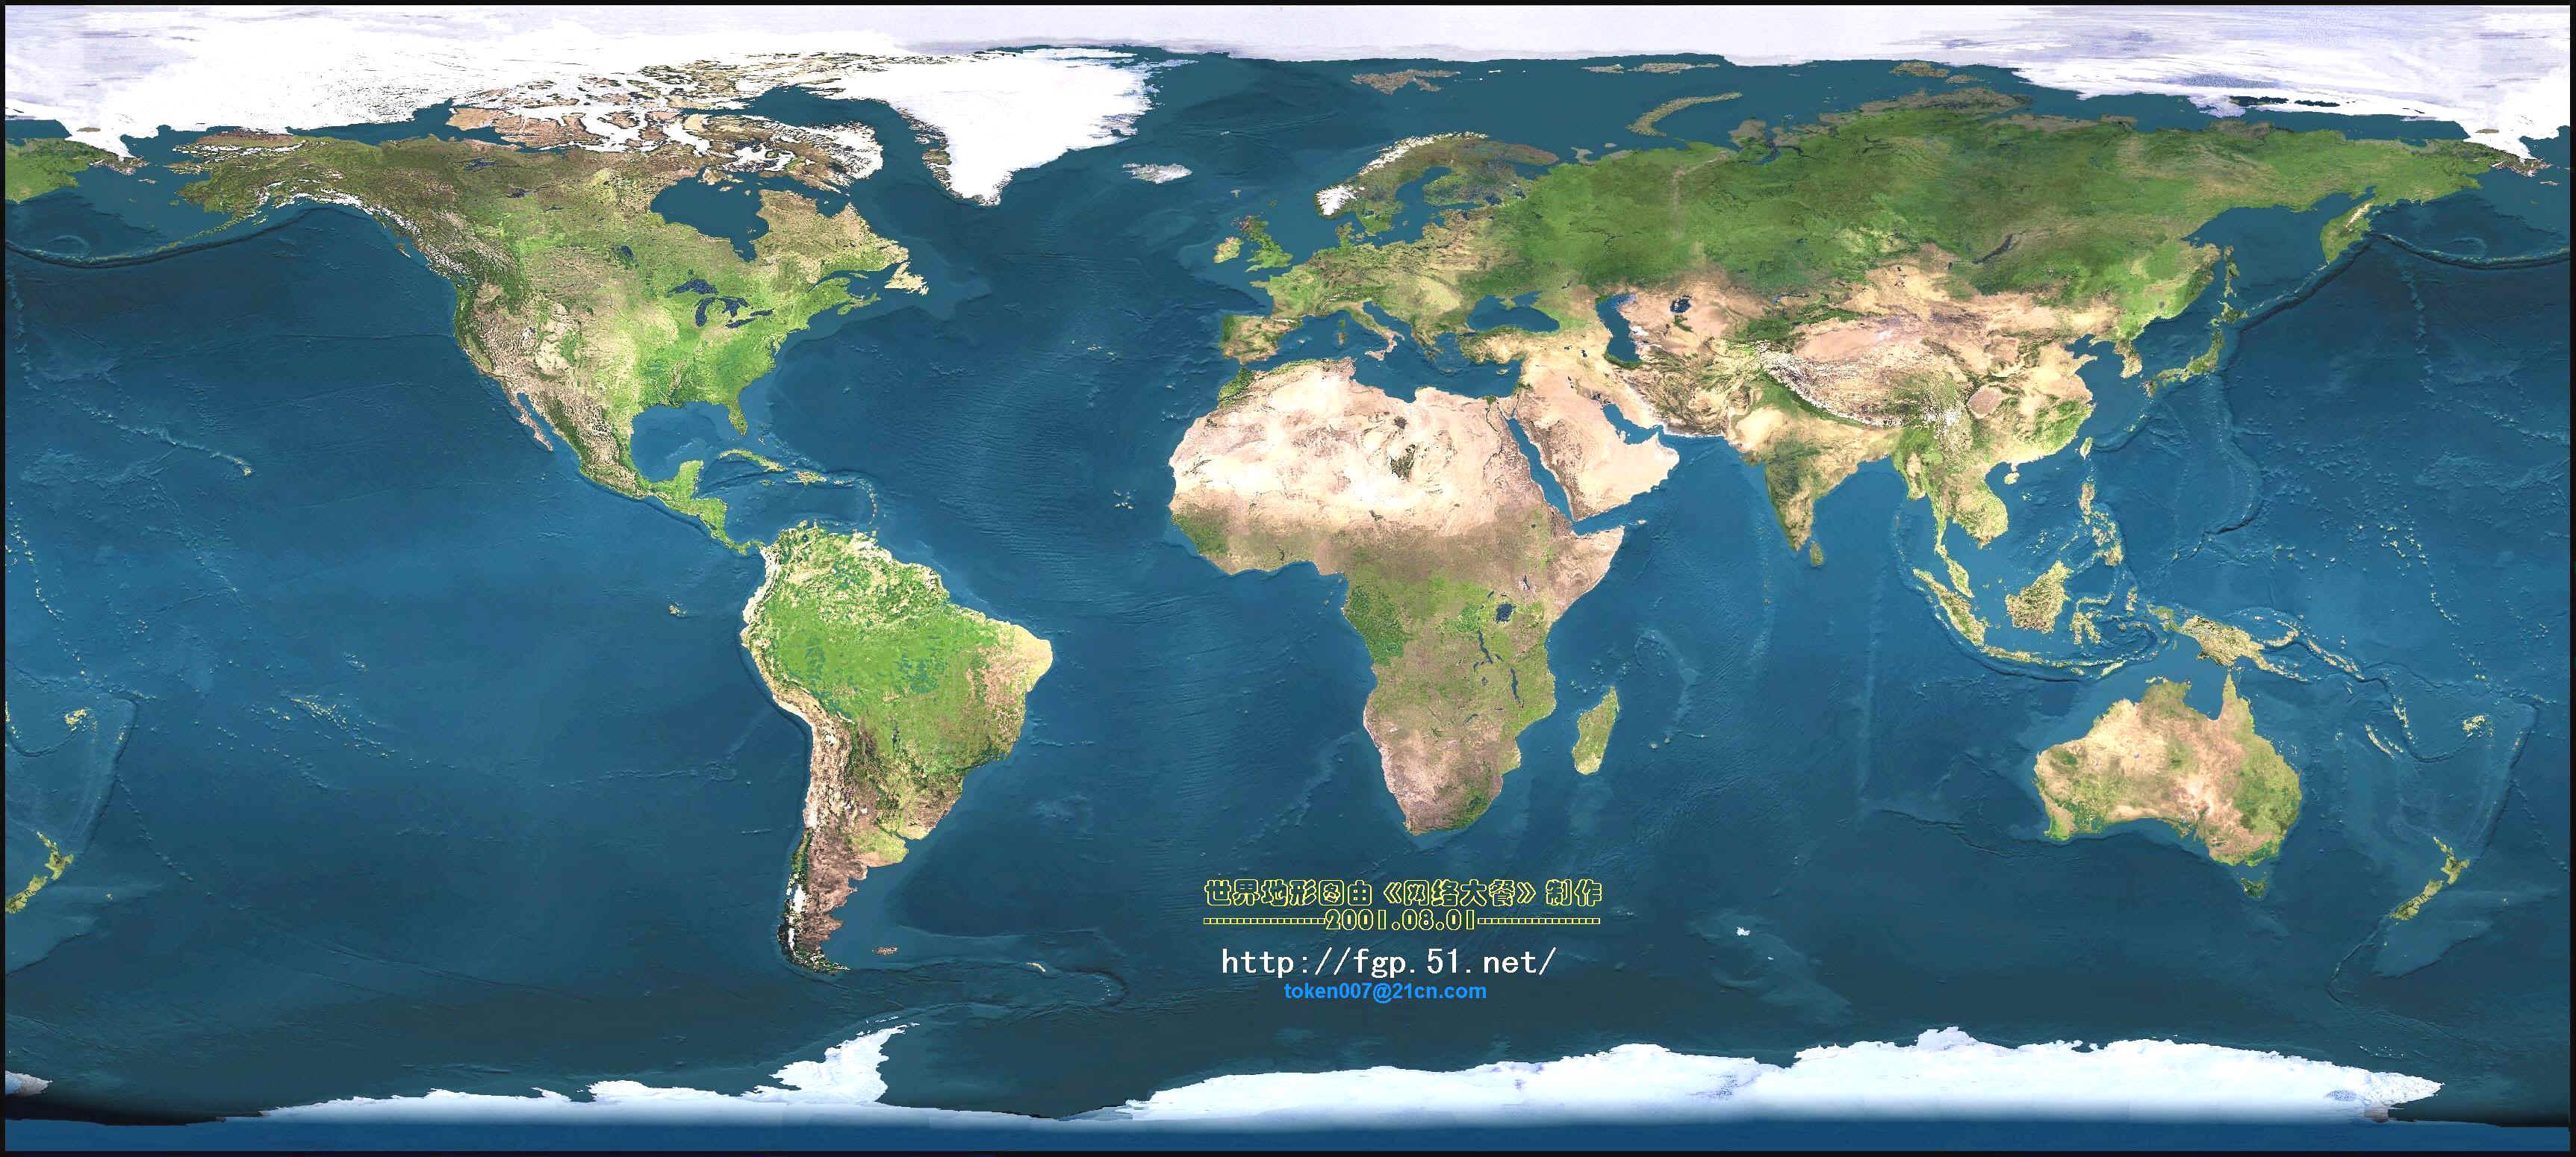 中国山脉地图高清版_中国山脉河流地图高清